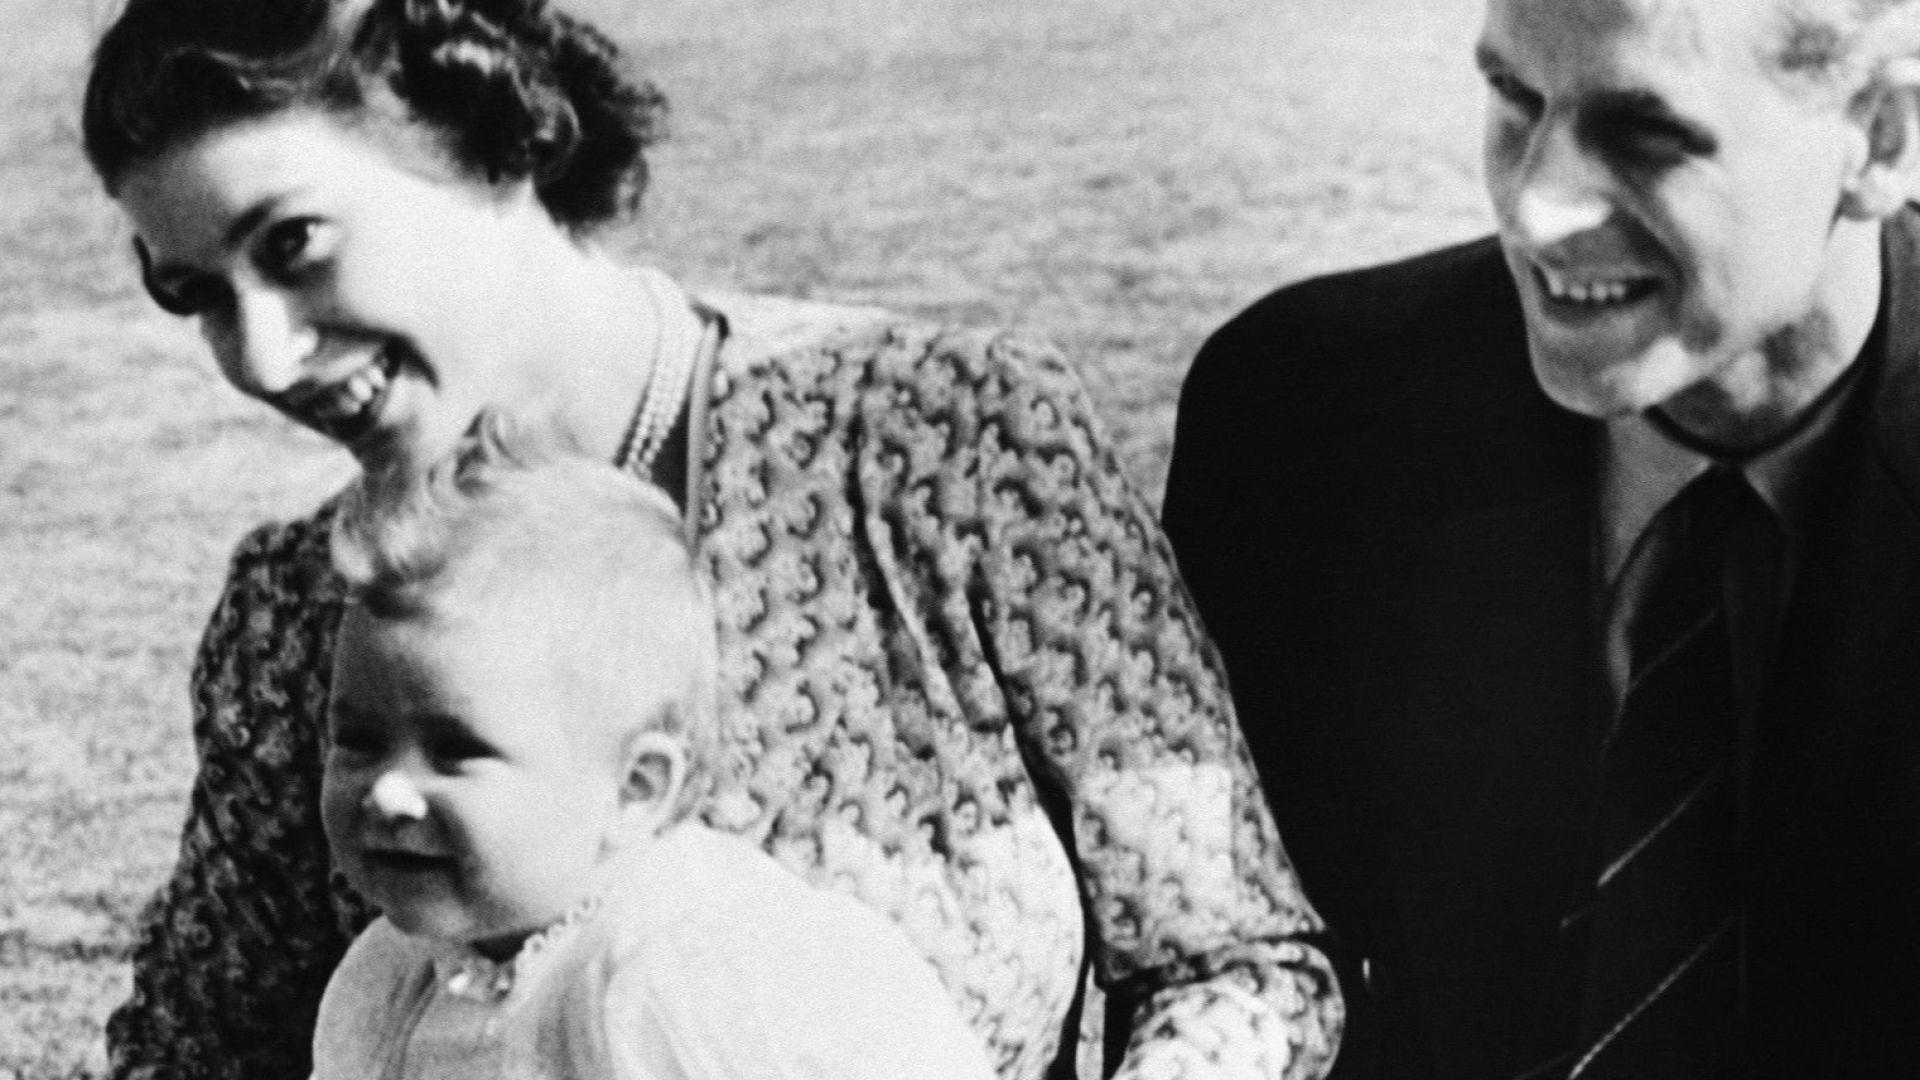 Кралица Елизабет II, принц Филип и принц Чарлз (1949)